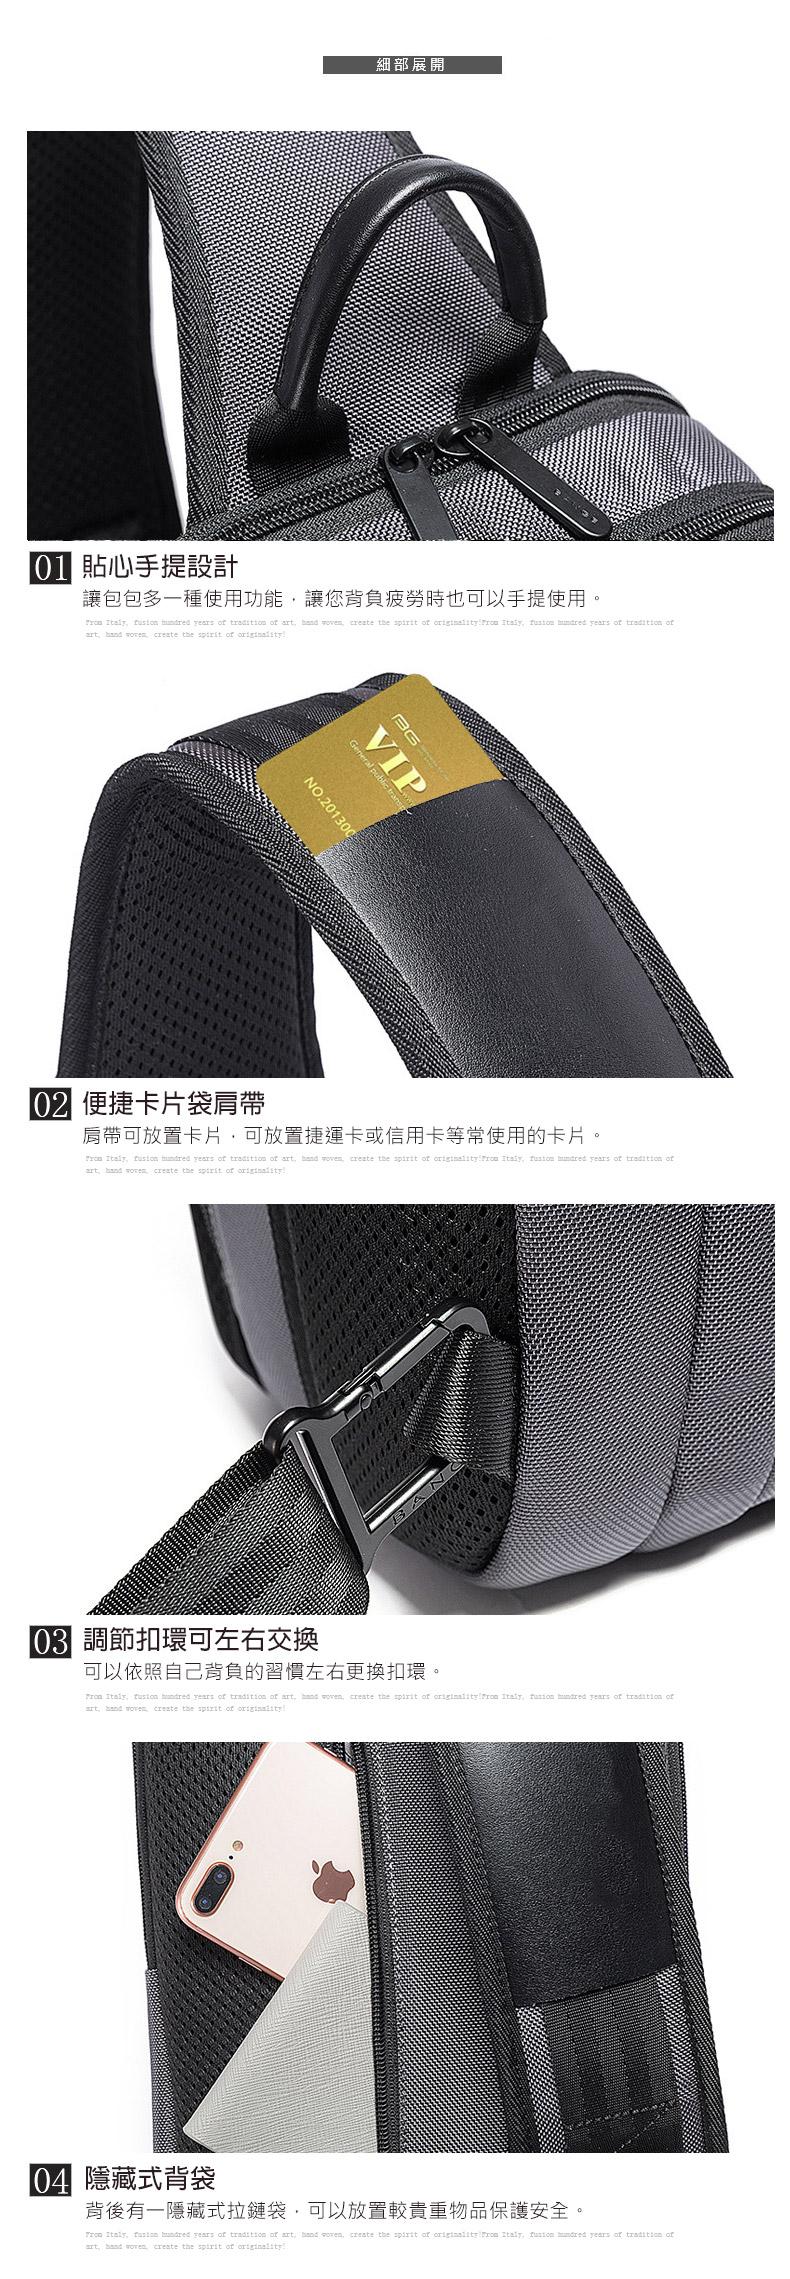 肩背包/胸包滌綸-灰黑-膠囊鎖頭 男包